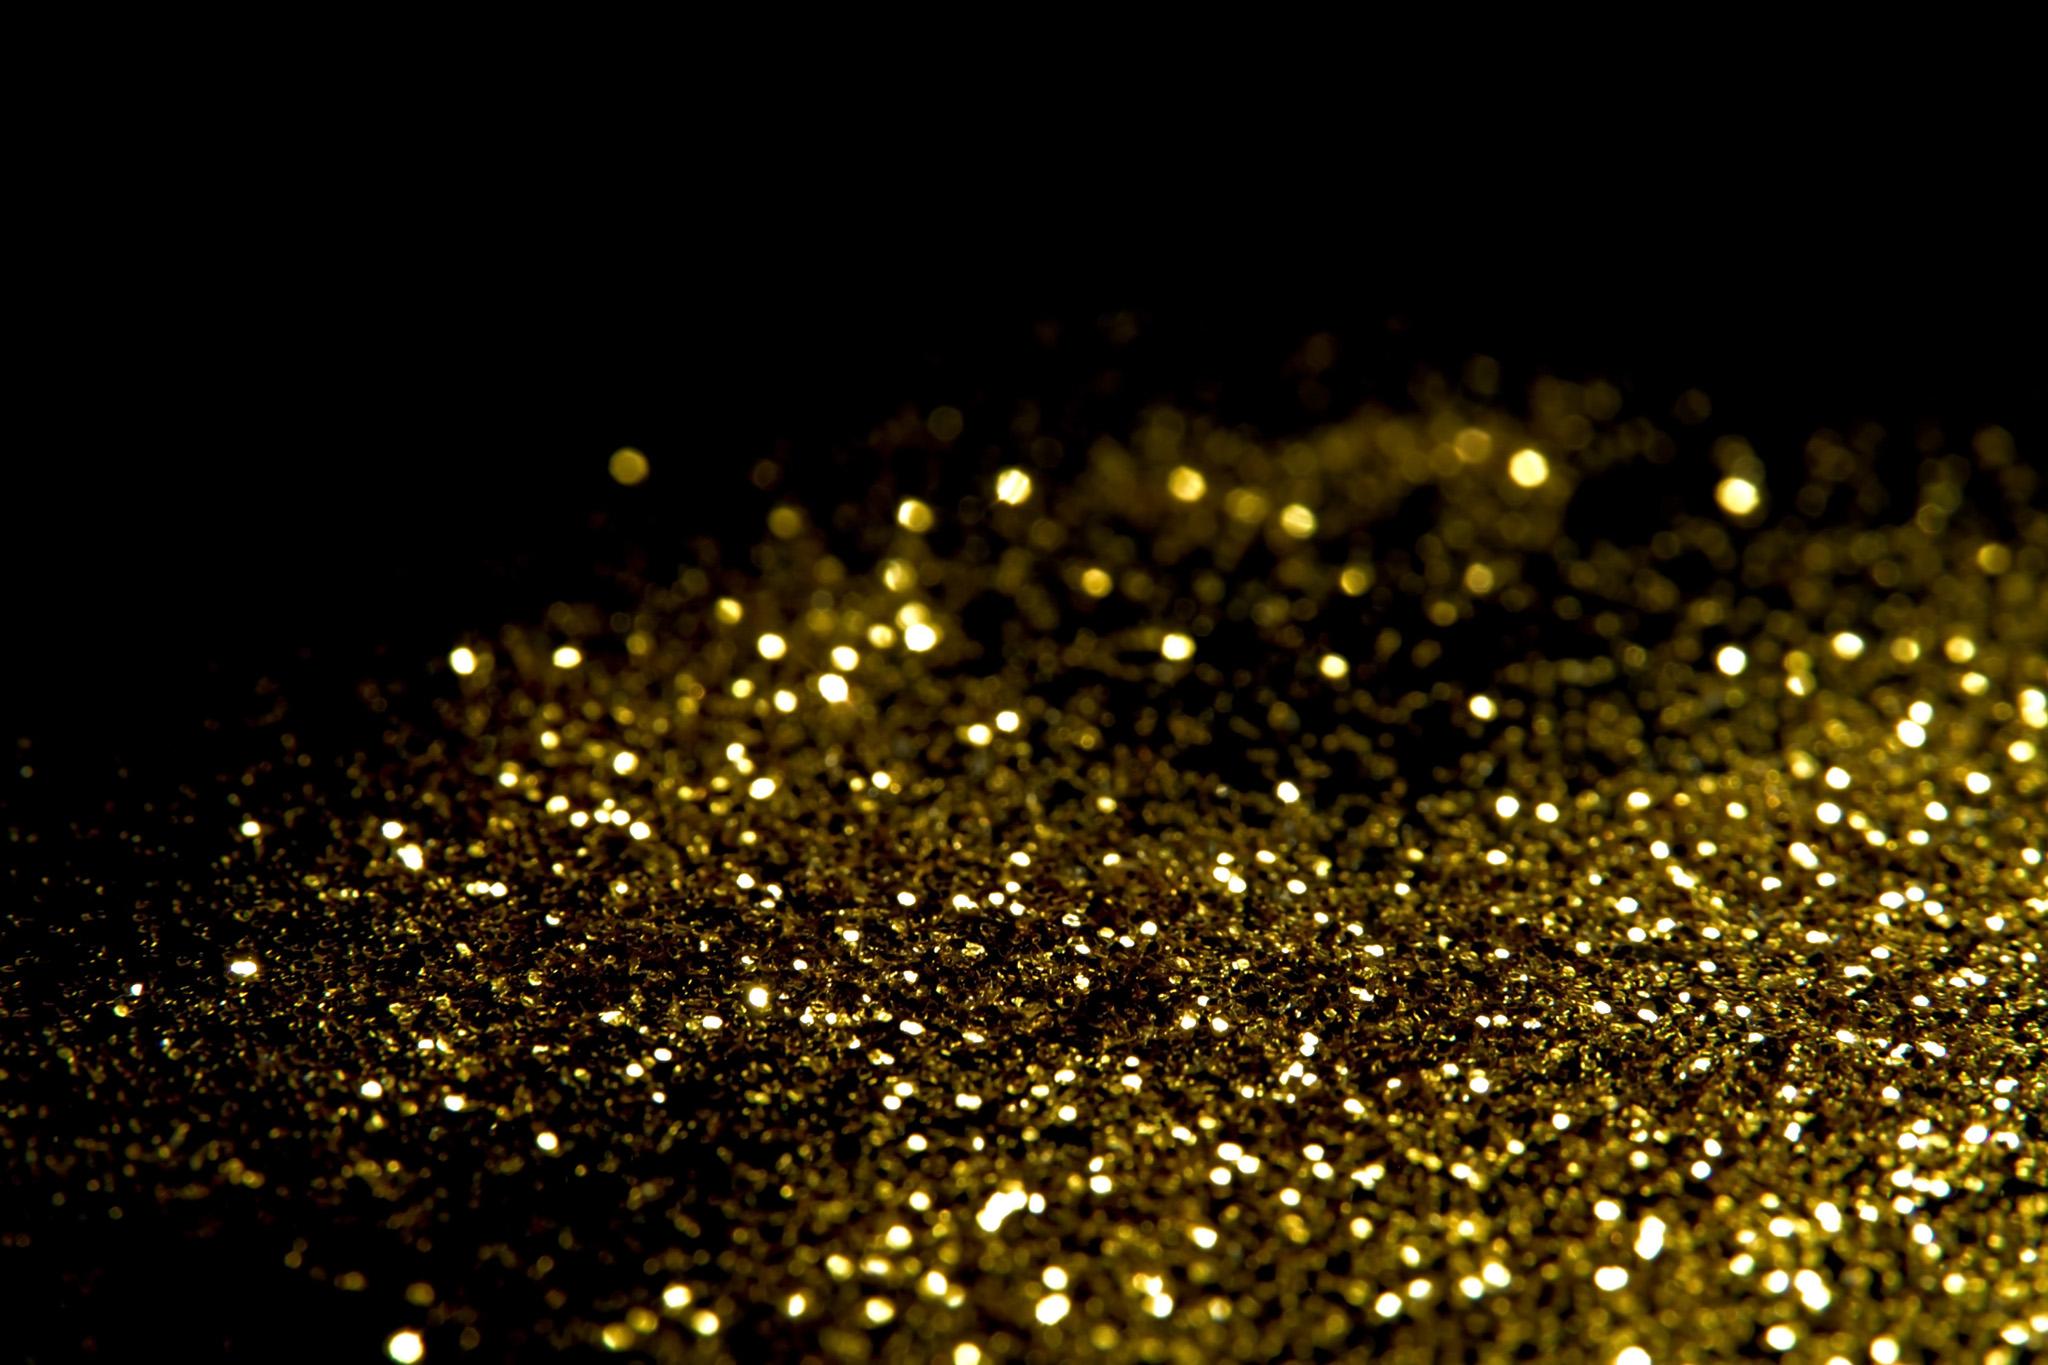 「ゴールドのキラキラ」